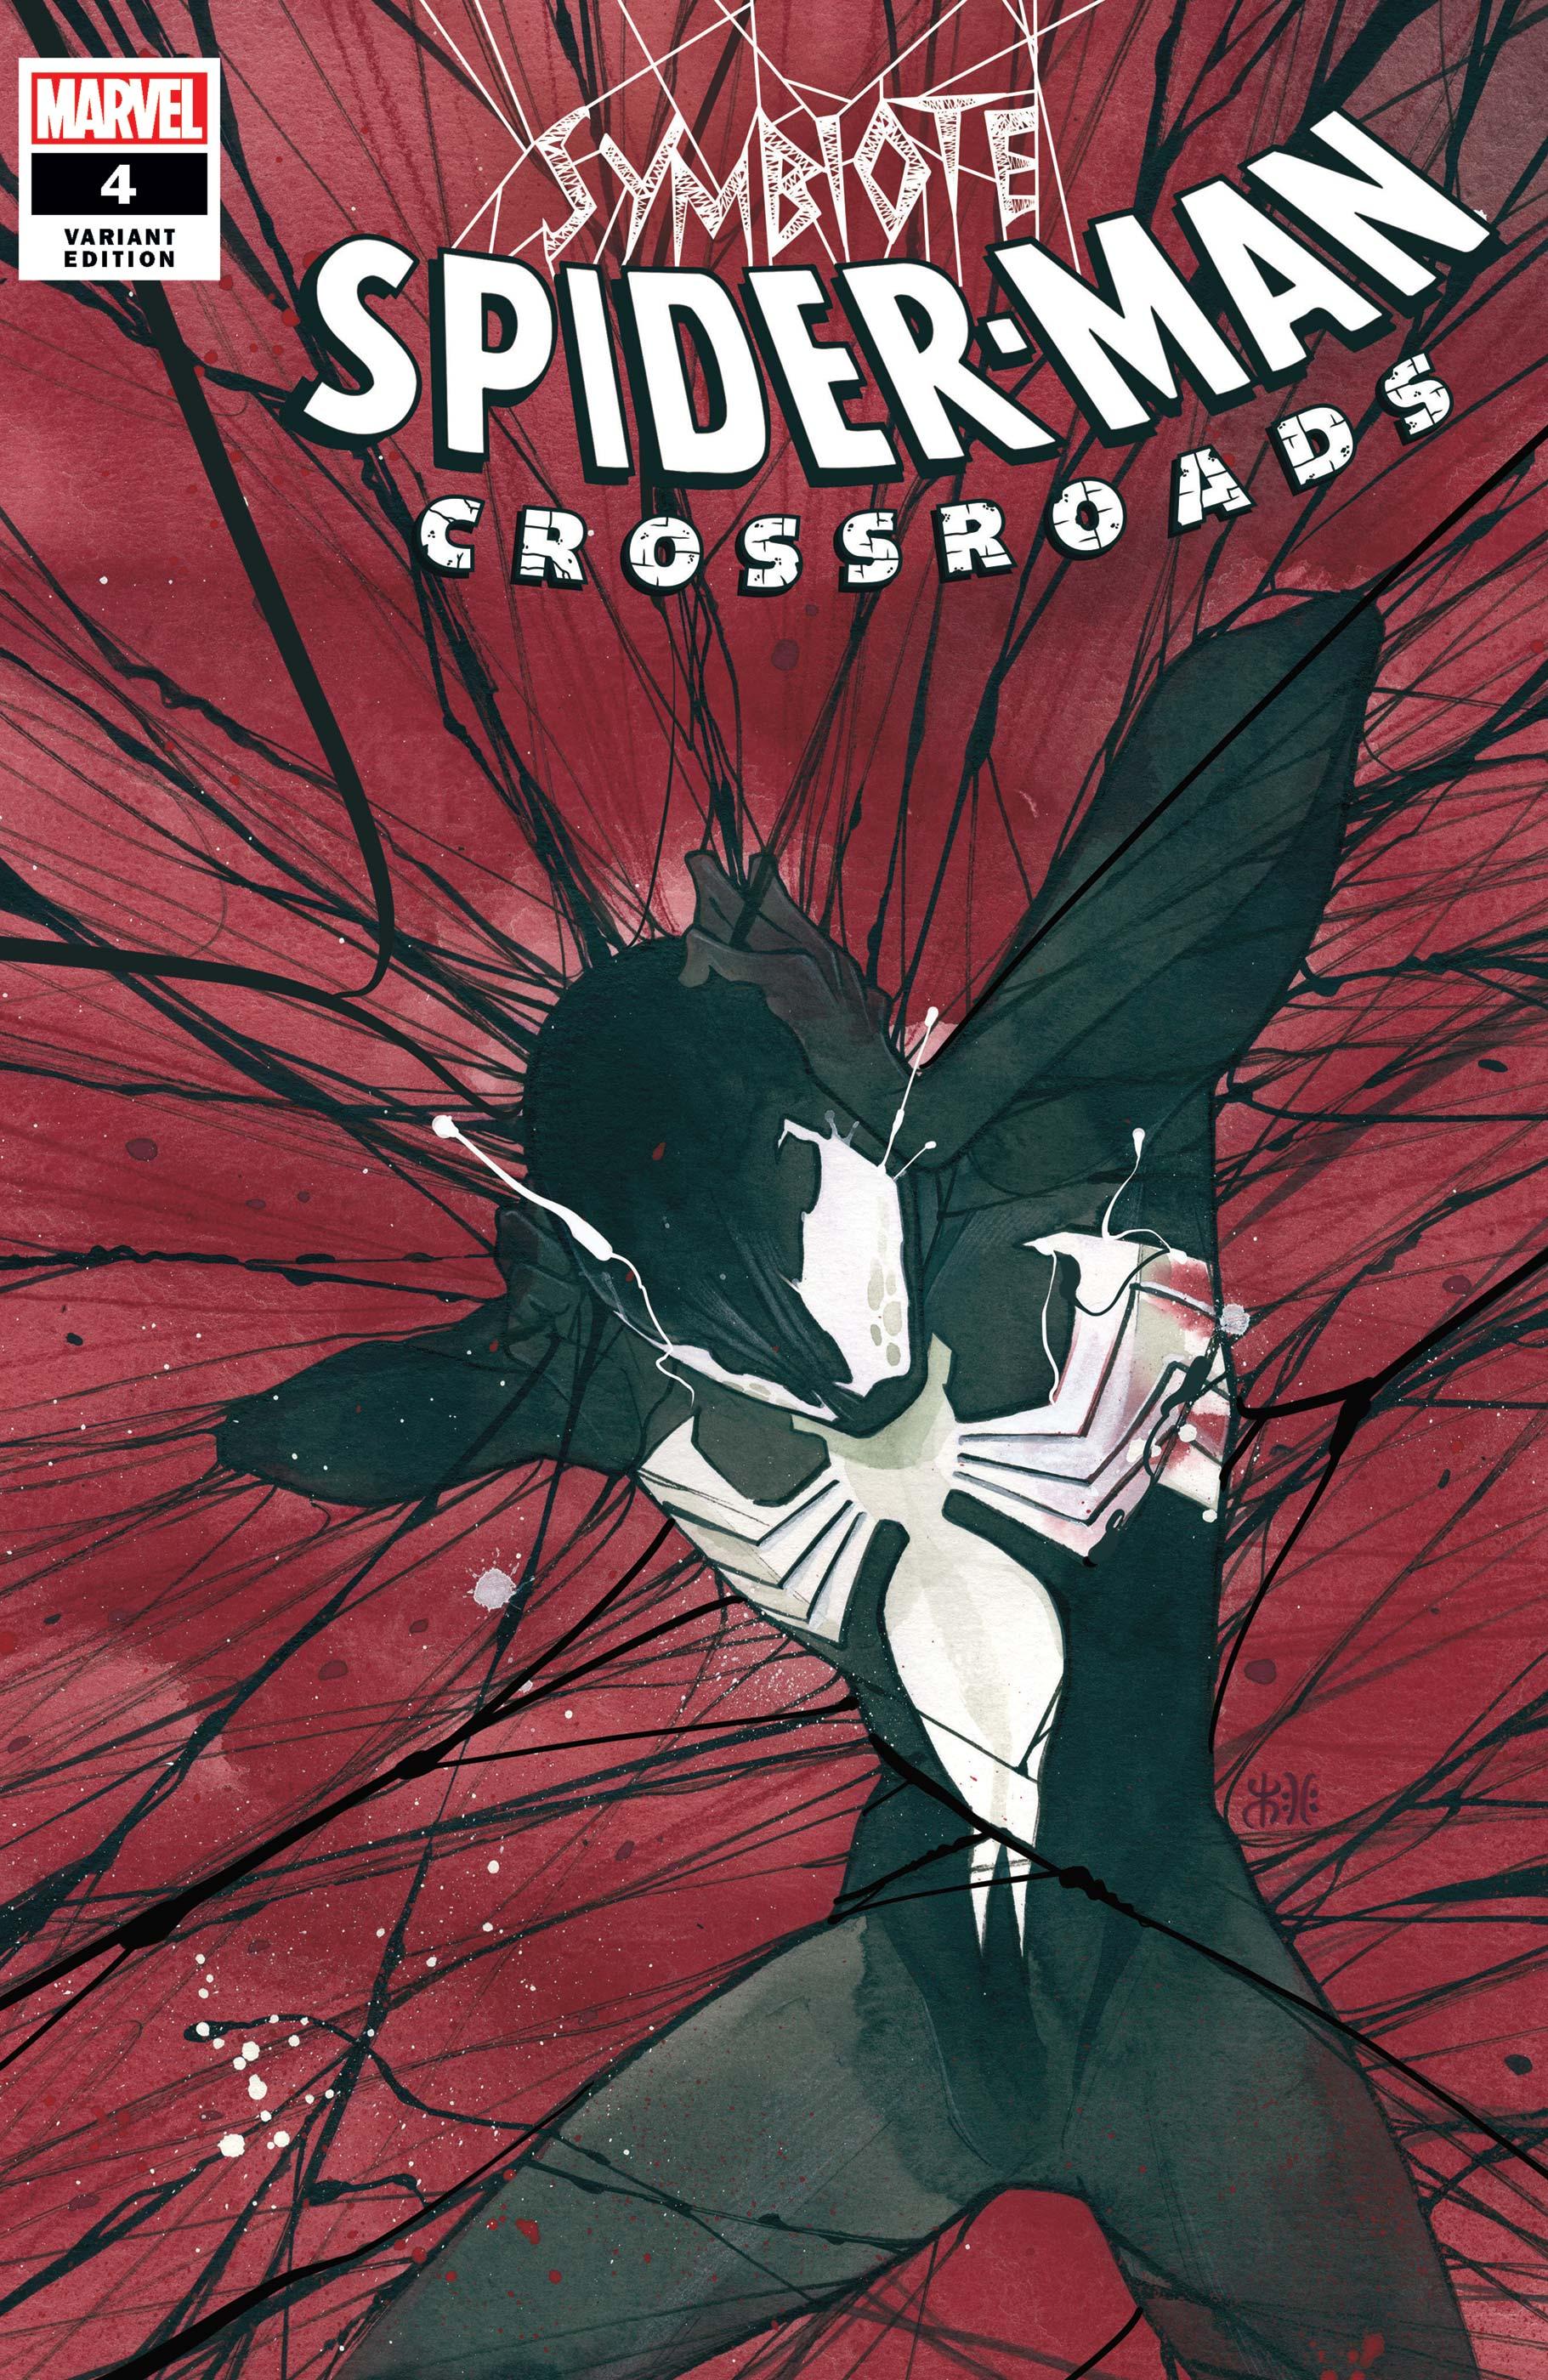 Symbiote Spider-Man: Crossroads (2021) #4 (Variant)